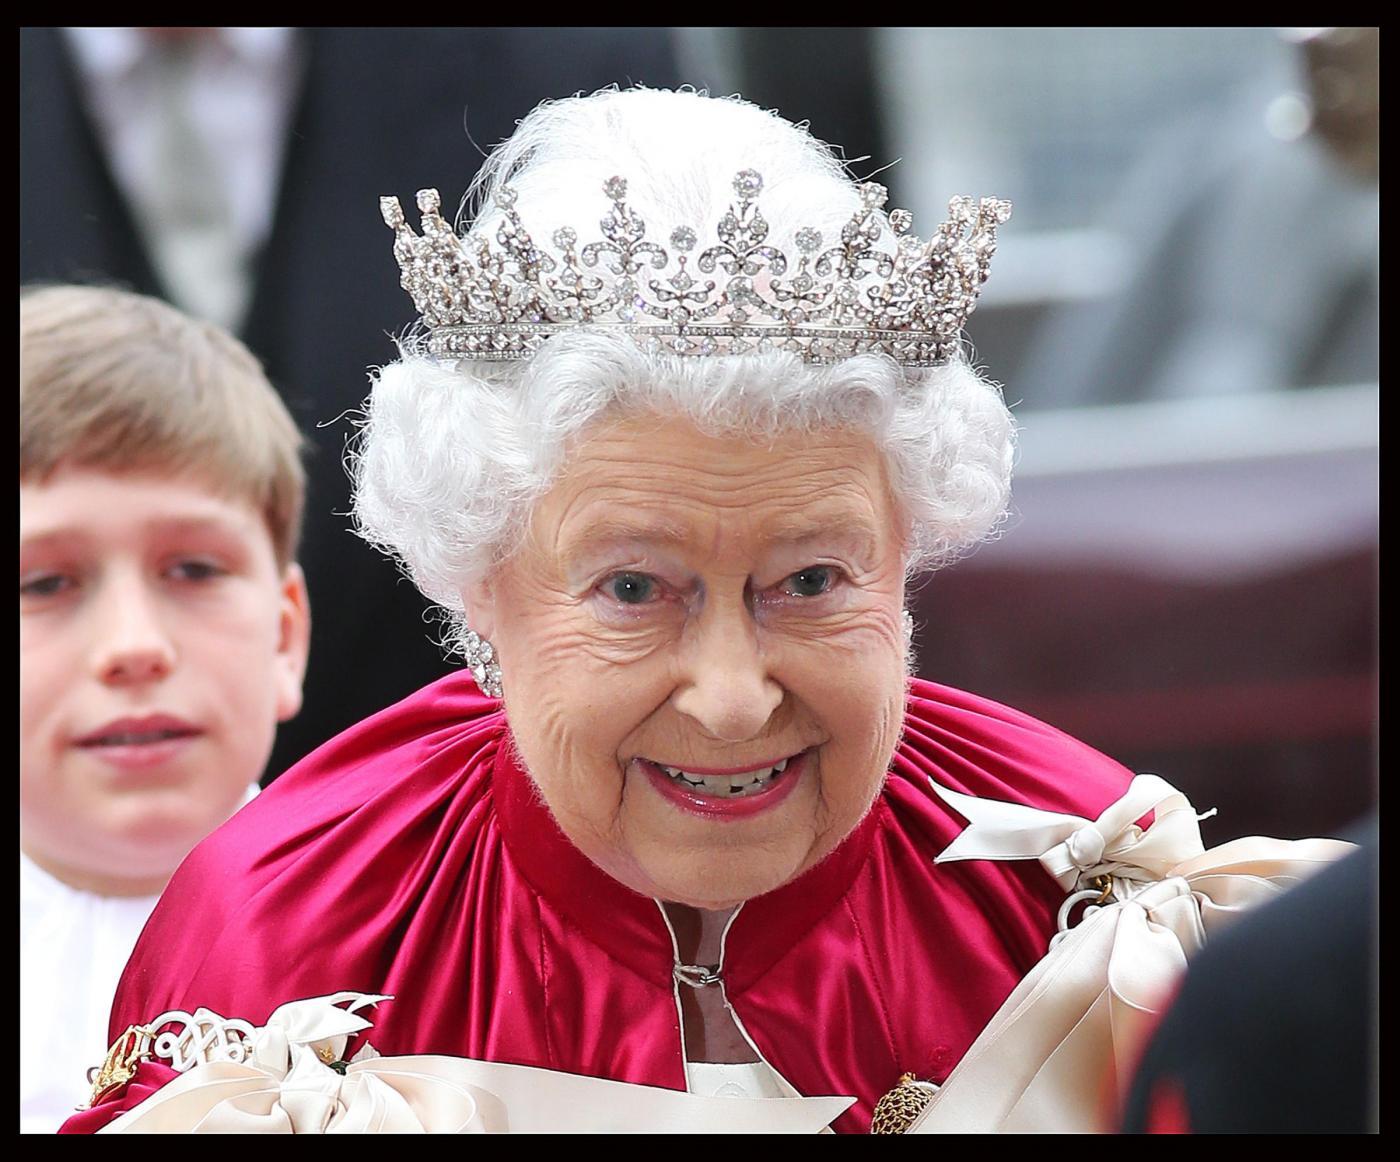 La Regina Elisabetta II, una biografia piena di curiosità